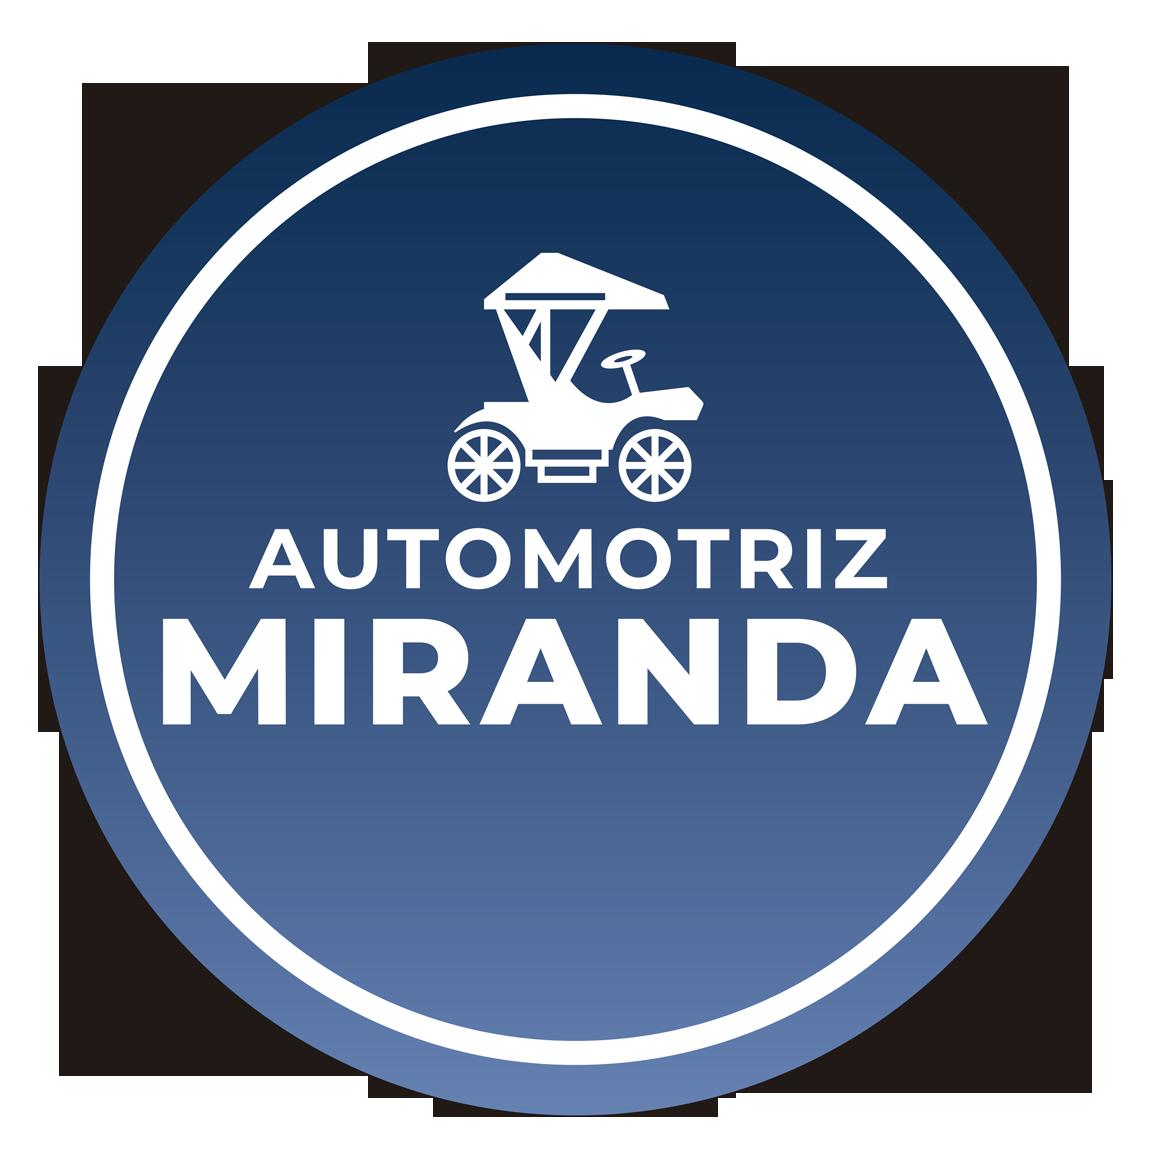 Automotriz Miranda